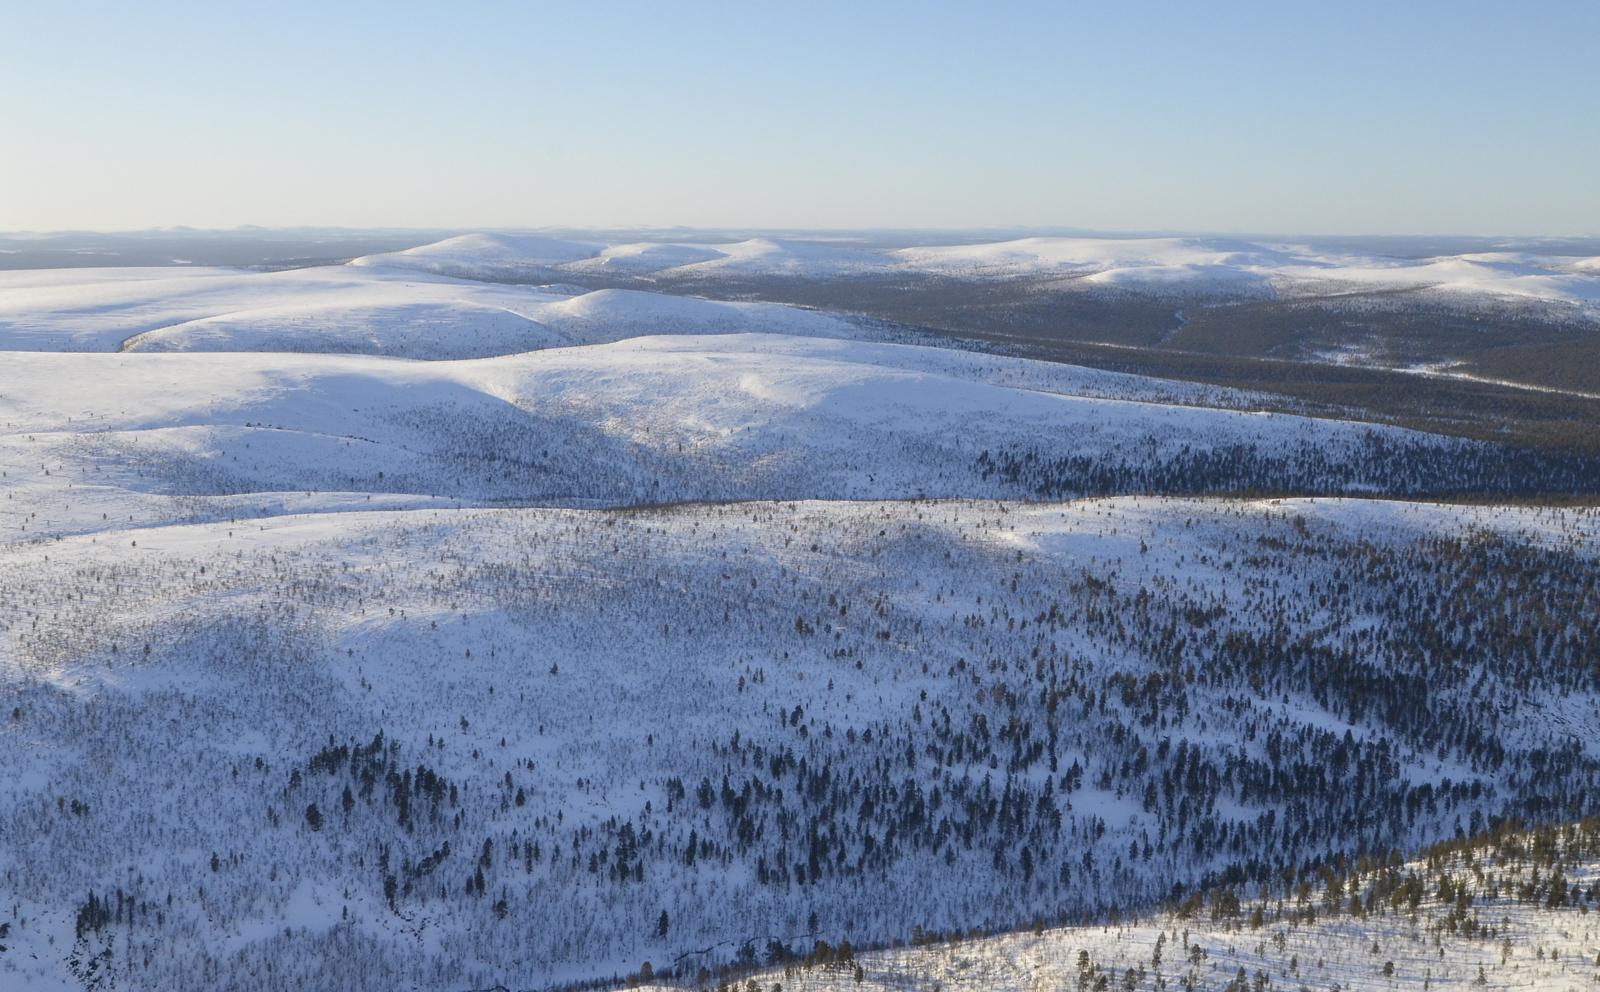 Lähinpänä Morganmaras, sitten Gaskoaivi ja seuraavana Jäkäläpää kirjastoineen. Oikealla enne tunturirypästä Ravadasojan laakso.